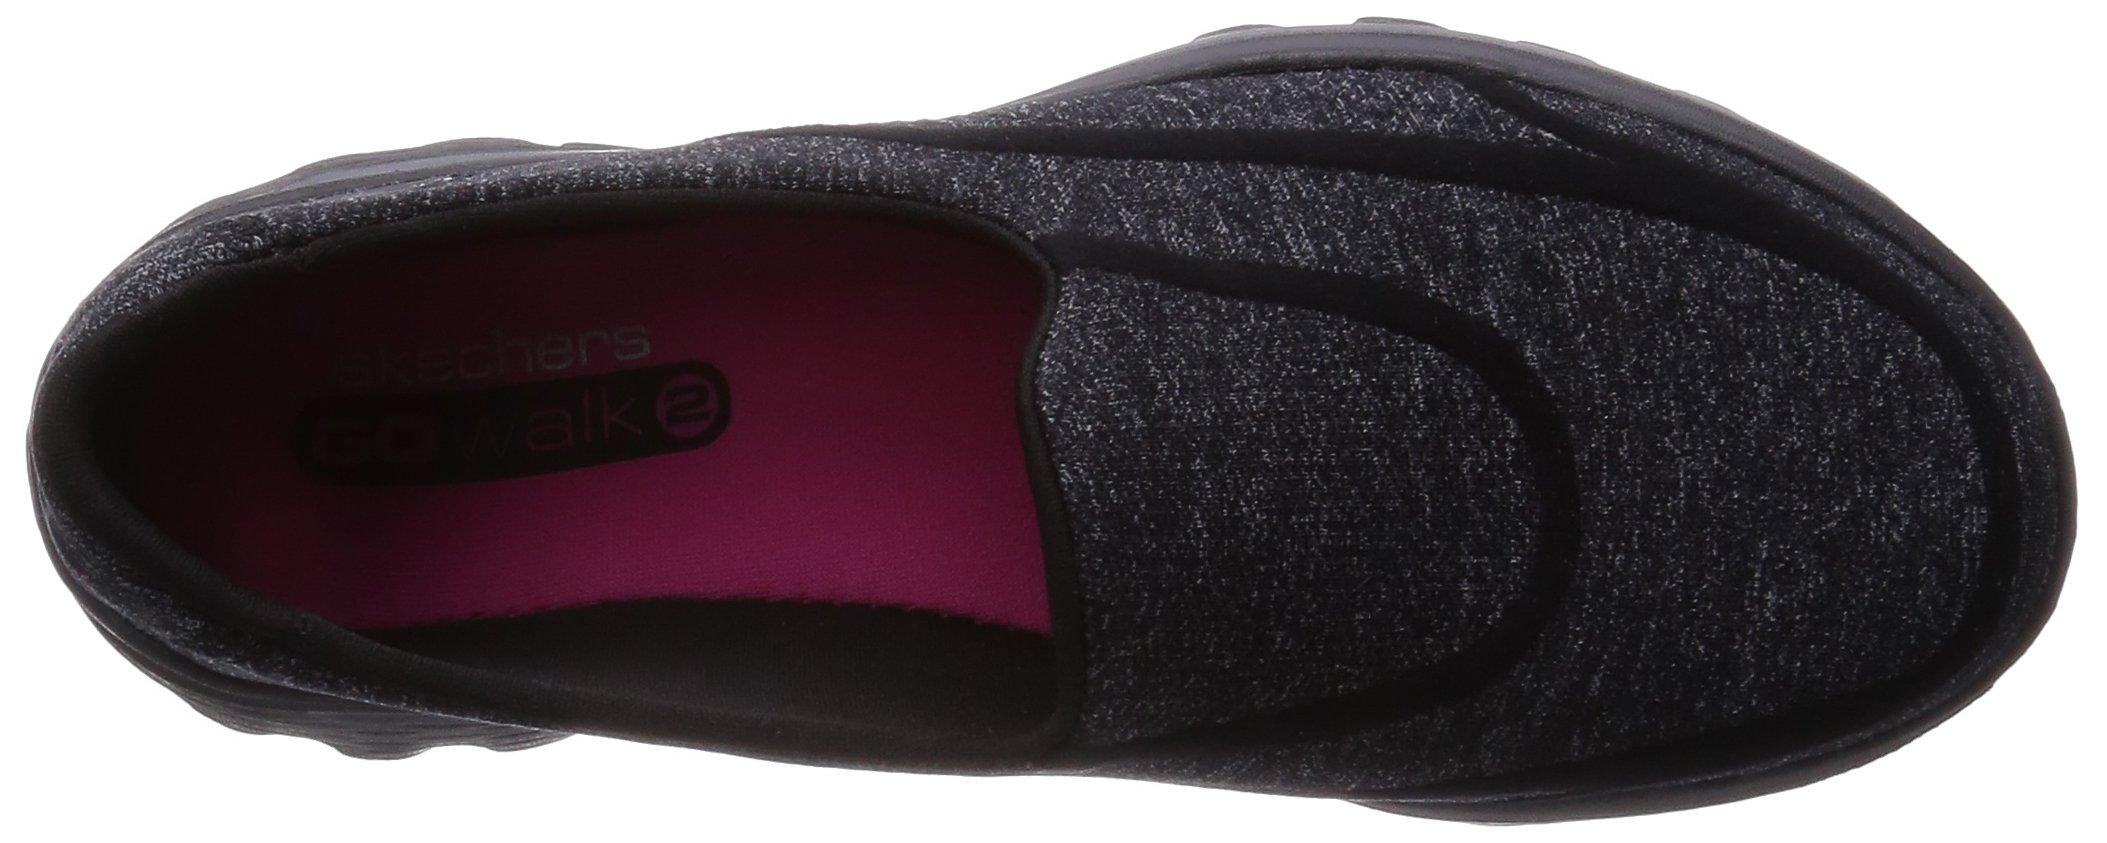 Skechers Performance Women's Go Walk 2 Super Sock Slip-On Walking Shoe,Old Black,7.5 M US by Skechers (Image #7)